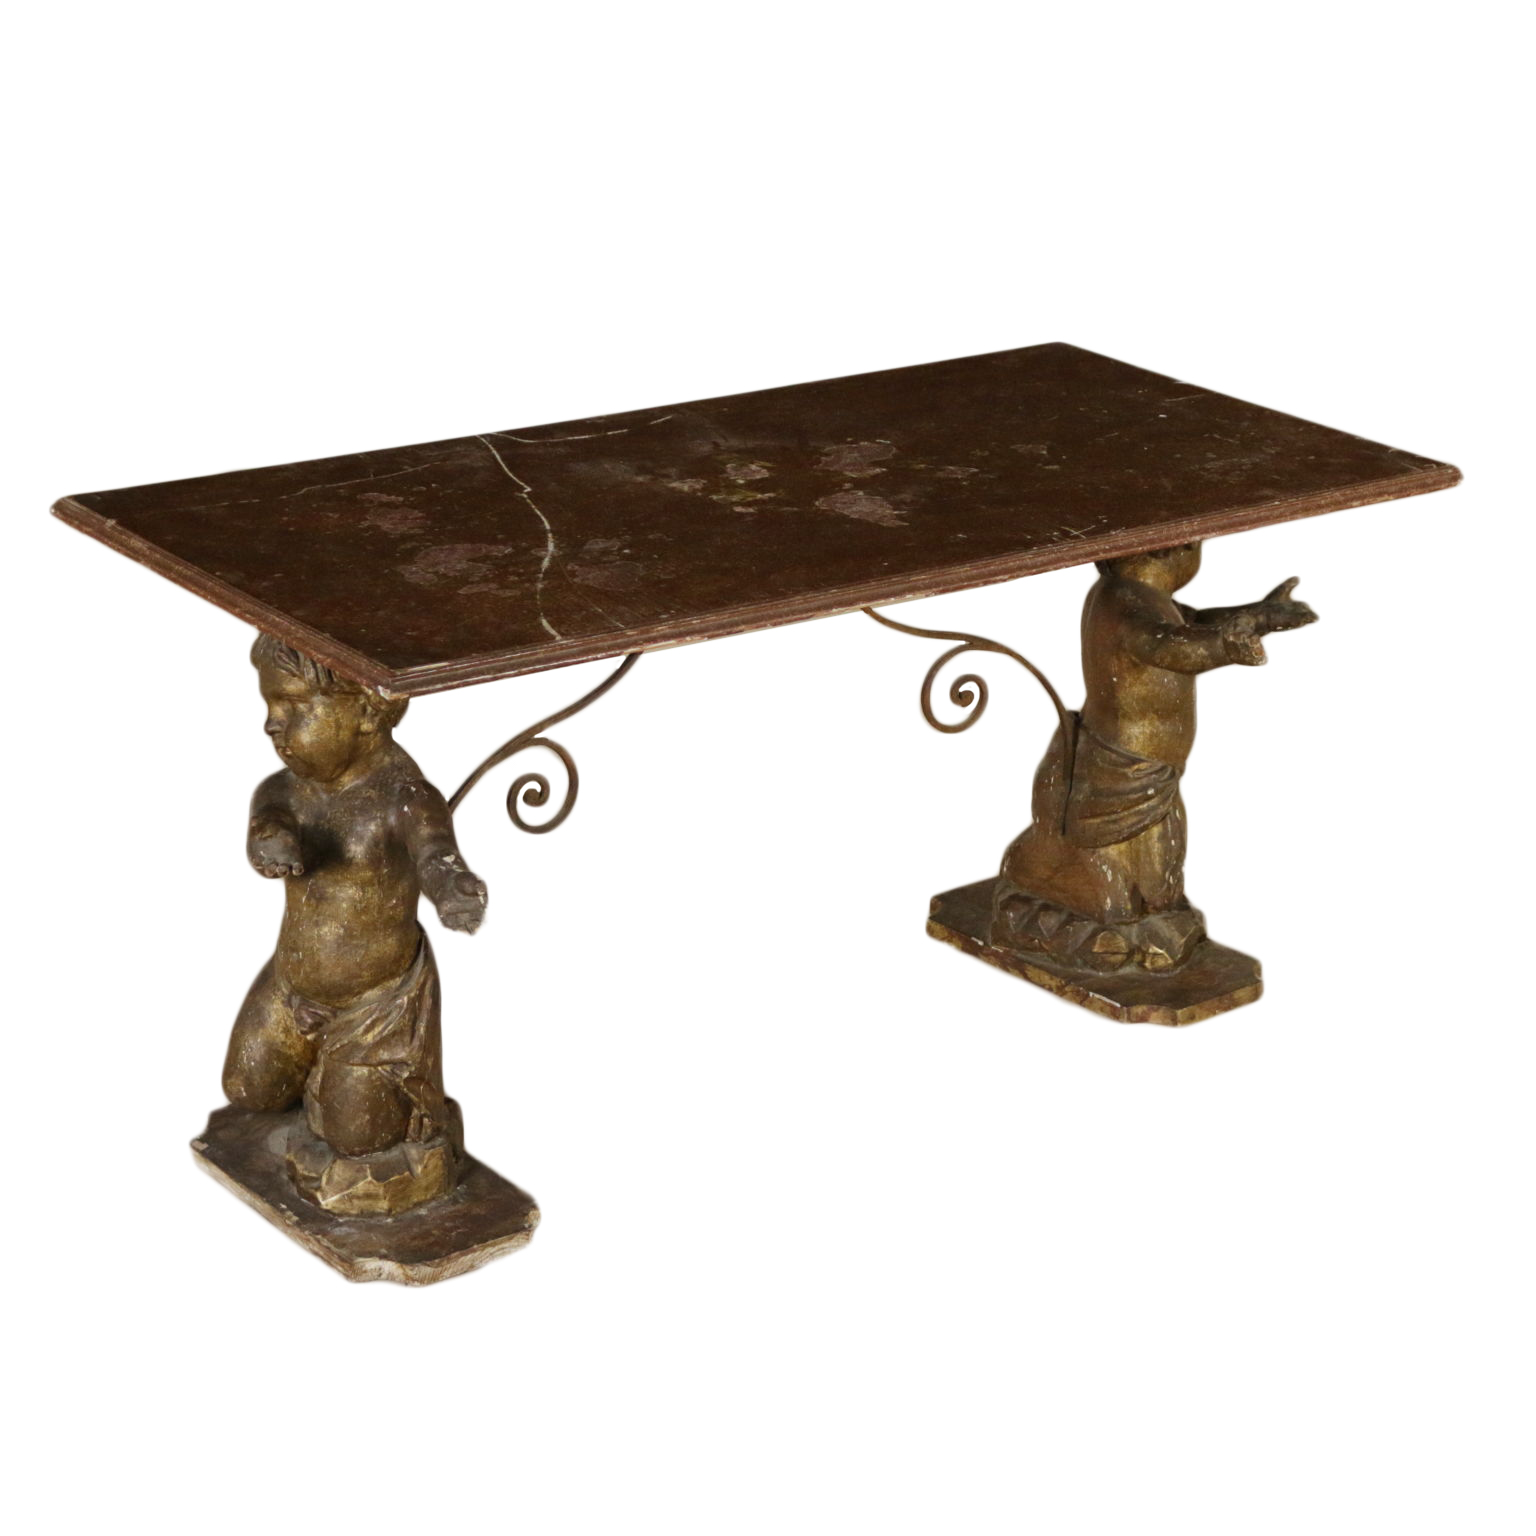 Tavolini Salotto Antichi.Tavolino Salotto Con Putti Antichi Tavolini Antiquariato